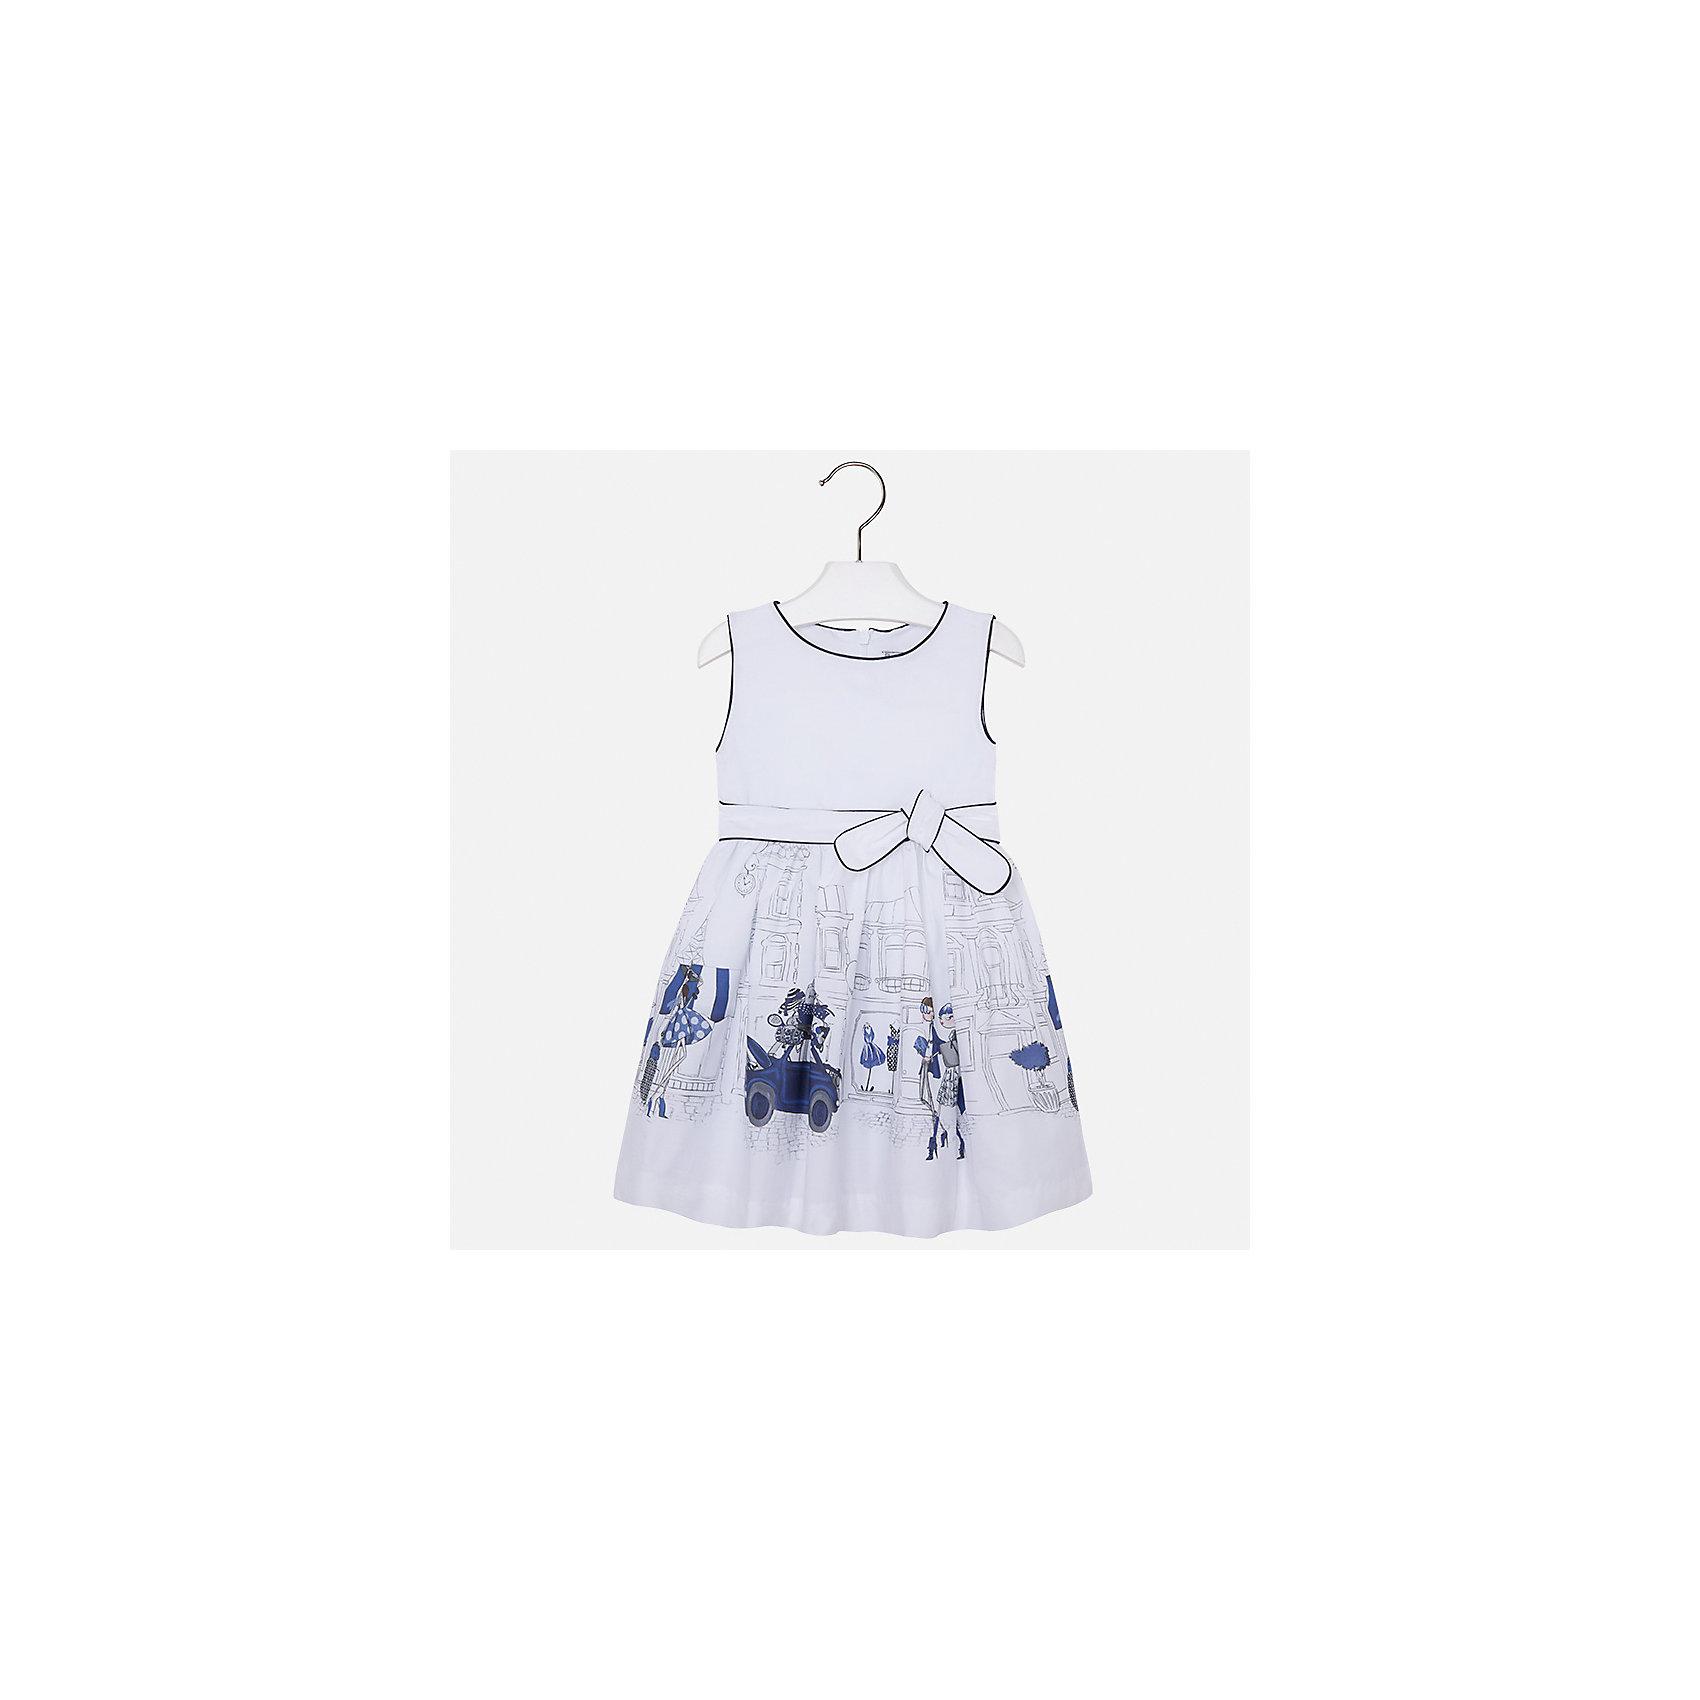 Платье для девочки MayoralОдежда<br>Характеристики товара:<br><br>• цвет: белый<br>• состав: 97% хлопок, 3% эластан, подкладка - 65% полиэстер, 35% хлопок<br>• пышный подол<br>• сзади молния<br>• без рукавов<br>• принт<br>• страна бренда: Испания<br><br>Красивое легкое платье для девочки поможет разнообразить гардероб ребенка и создать эффектный наряд. Оно подойдет и для торжественных случаев, может быть и как ежедневный наряд. В составе материала подкладки - натуральный хлопок, гипоаллергенный, приятный на ощупь, дышащий. Платье хорошо сидит по фигуре.<br><br>Платье для девочки от испанского бренда Mayoral (Майорал) можно купить в нашем интернет-магазине.<br><br>Ширина мм: 236<br>Глубина мм: 16<br>Высота мм: 184<br>Вес г: 177<br>Цвет: синий<br>Возраст от месяцев: 24<br>Возраст до месяцев: 36<br>Пол: Женский<br>Возраст: Детский<br>Размер: 98,122,116,110,104<br>SKU: 5587458